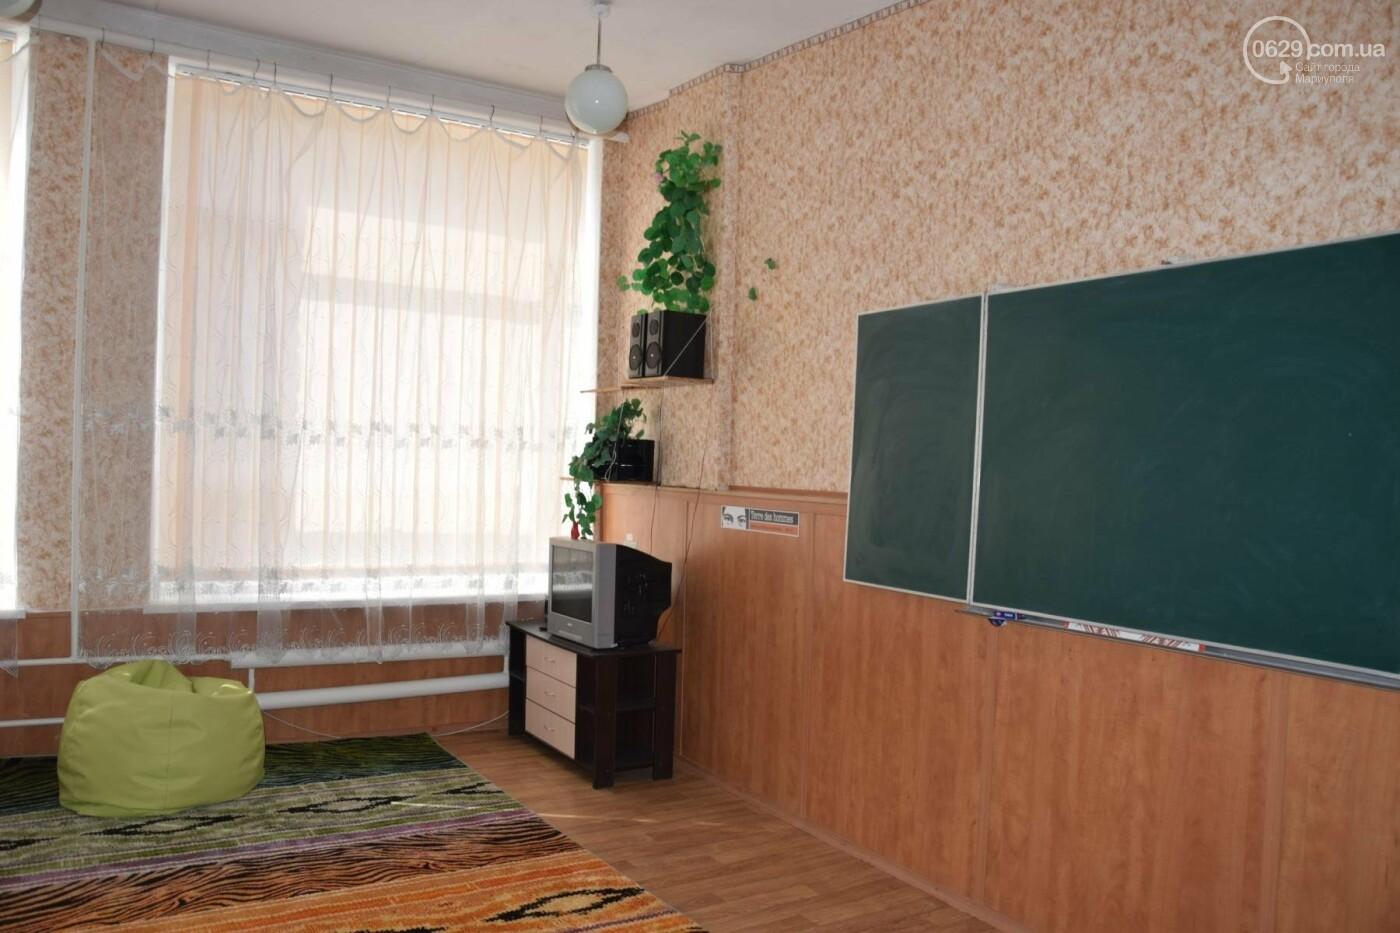 Первый звонок в прифронтовой школе. Чермалык, фото-24